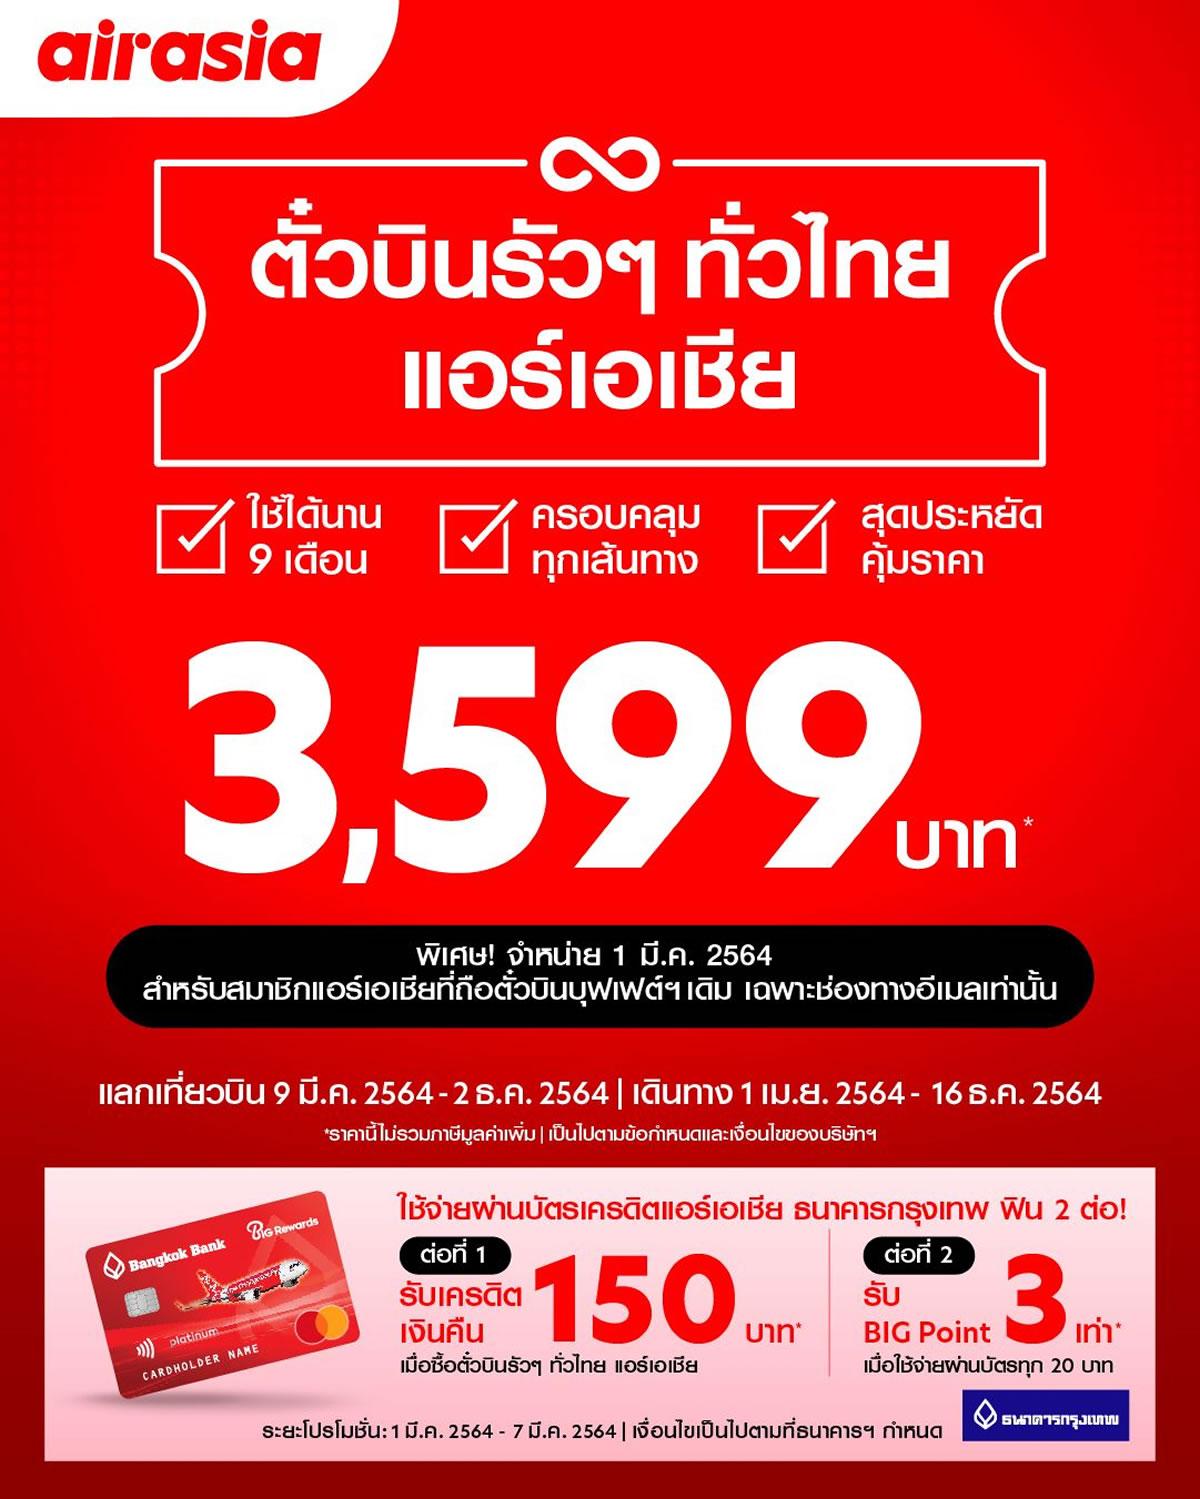 タイ:エアアジアが2021年も乗り放題チケット発売、9ヶ月で3599バーツ